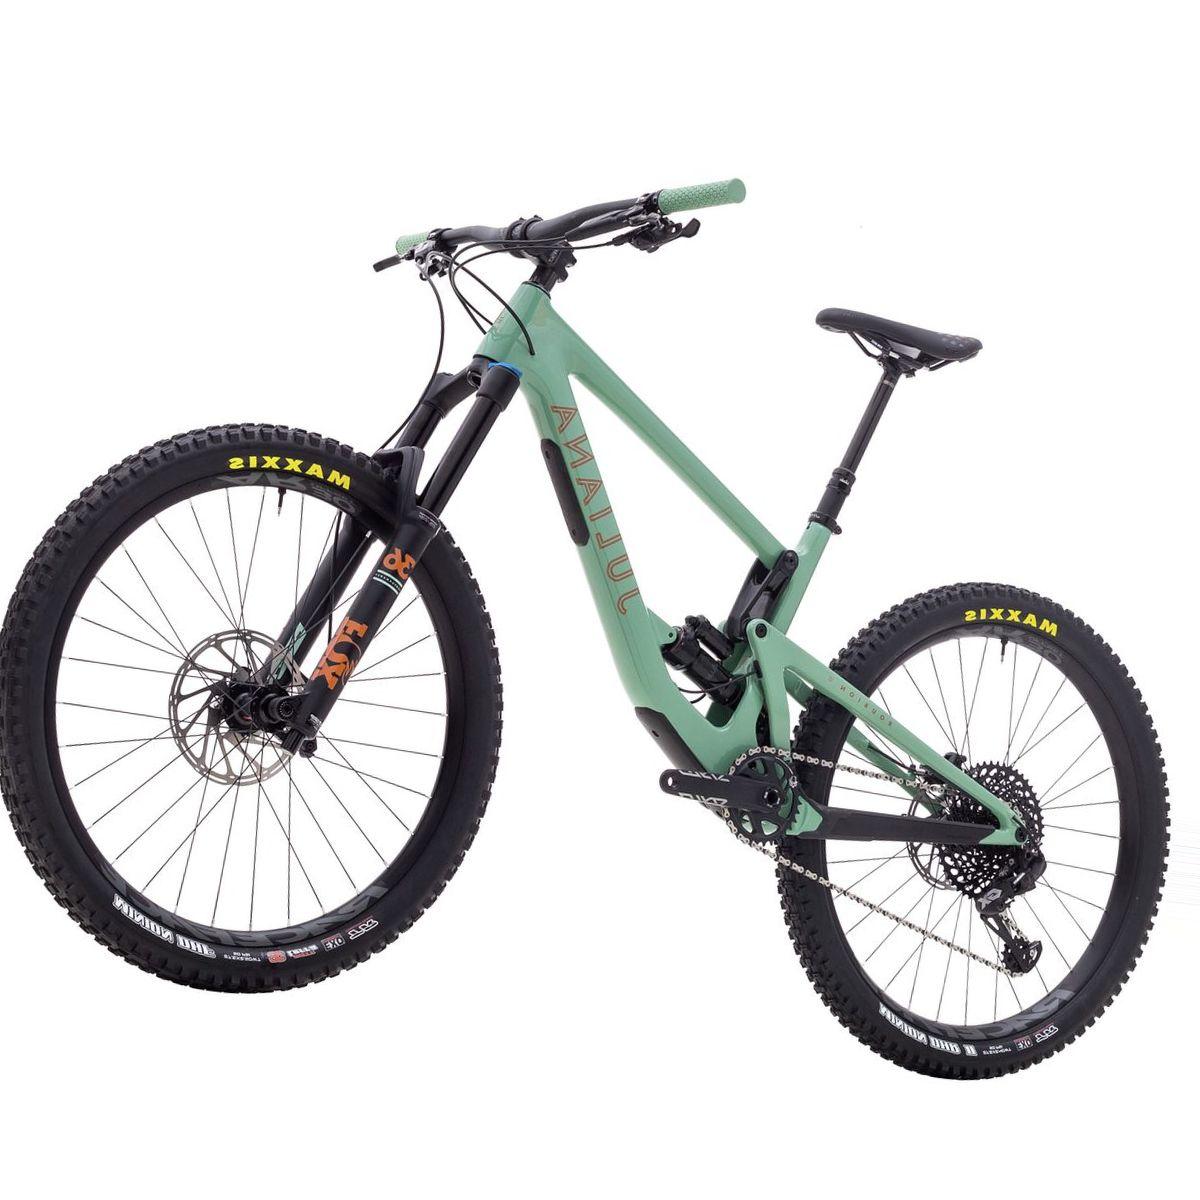 Juliana Roubion Carbon S Mountain Bike - Women's